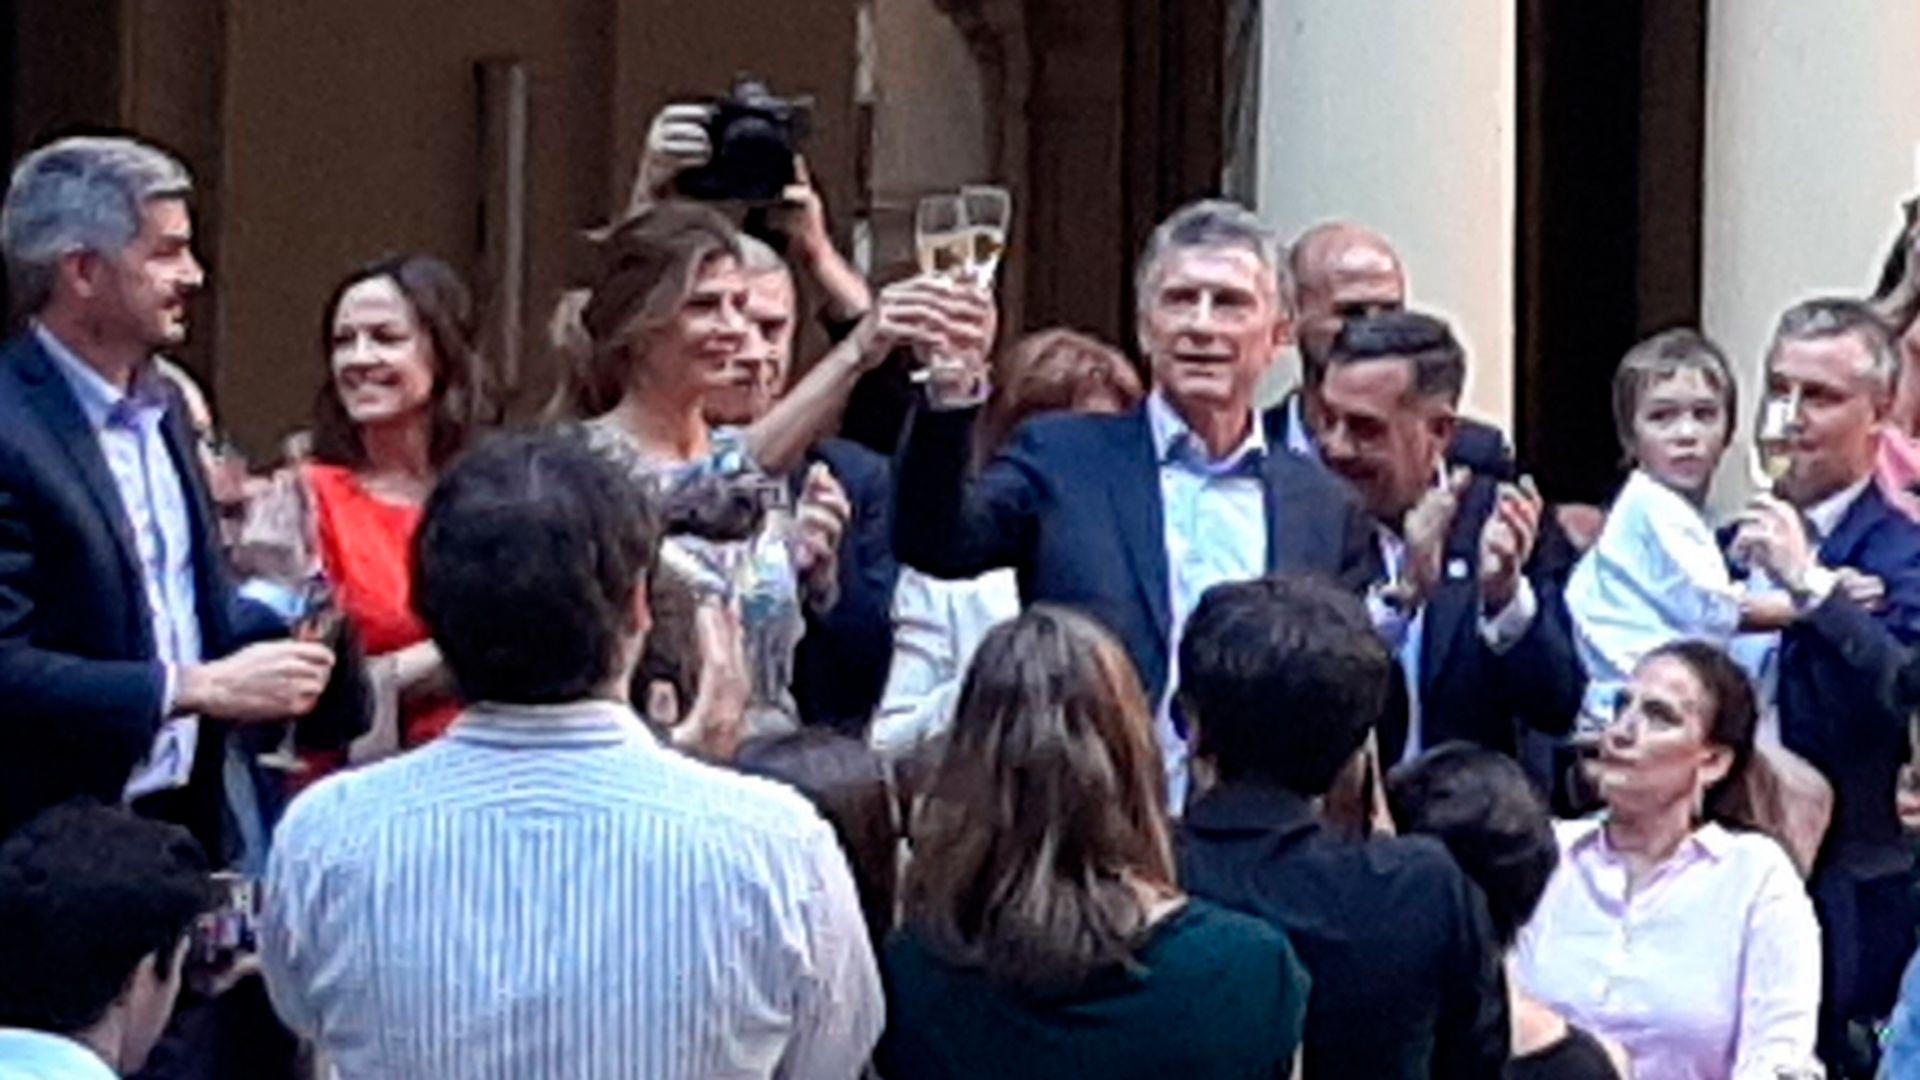 El presidente Mauricio Macri se despidió este lunes del personal de la Casa Rosada con unas palabras desde el Patio de las Palmeras. Lo acompañaron su vice Gabriela Michetti, el jefe de Gabinete Marcos Peña y su mujer Juliana Awada, entre otros